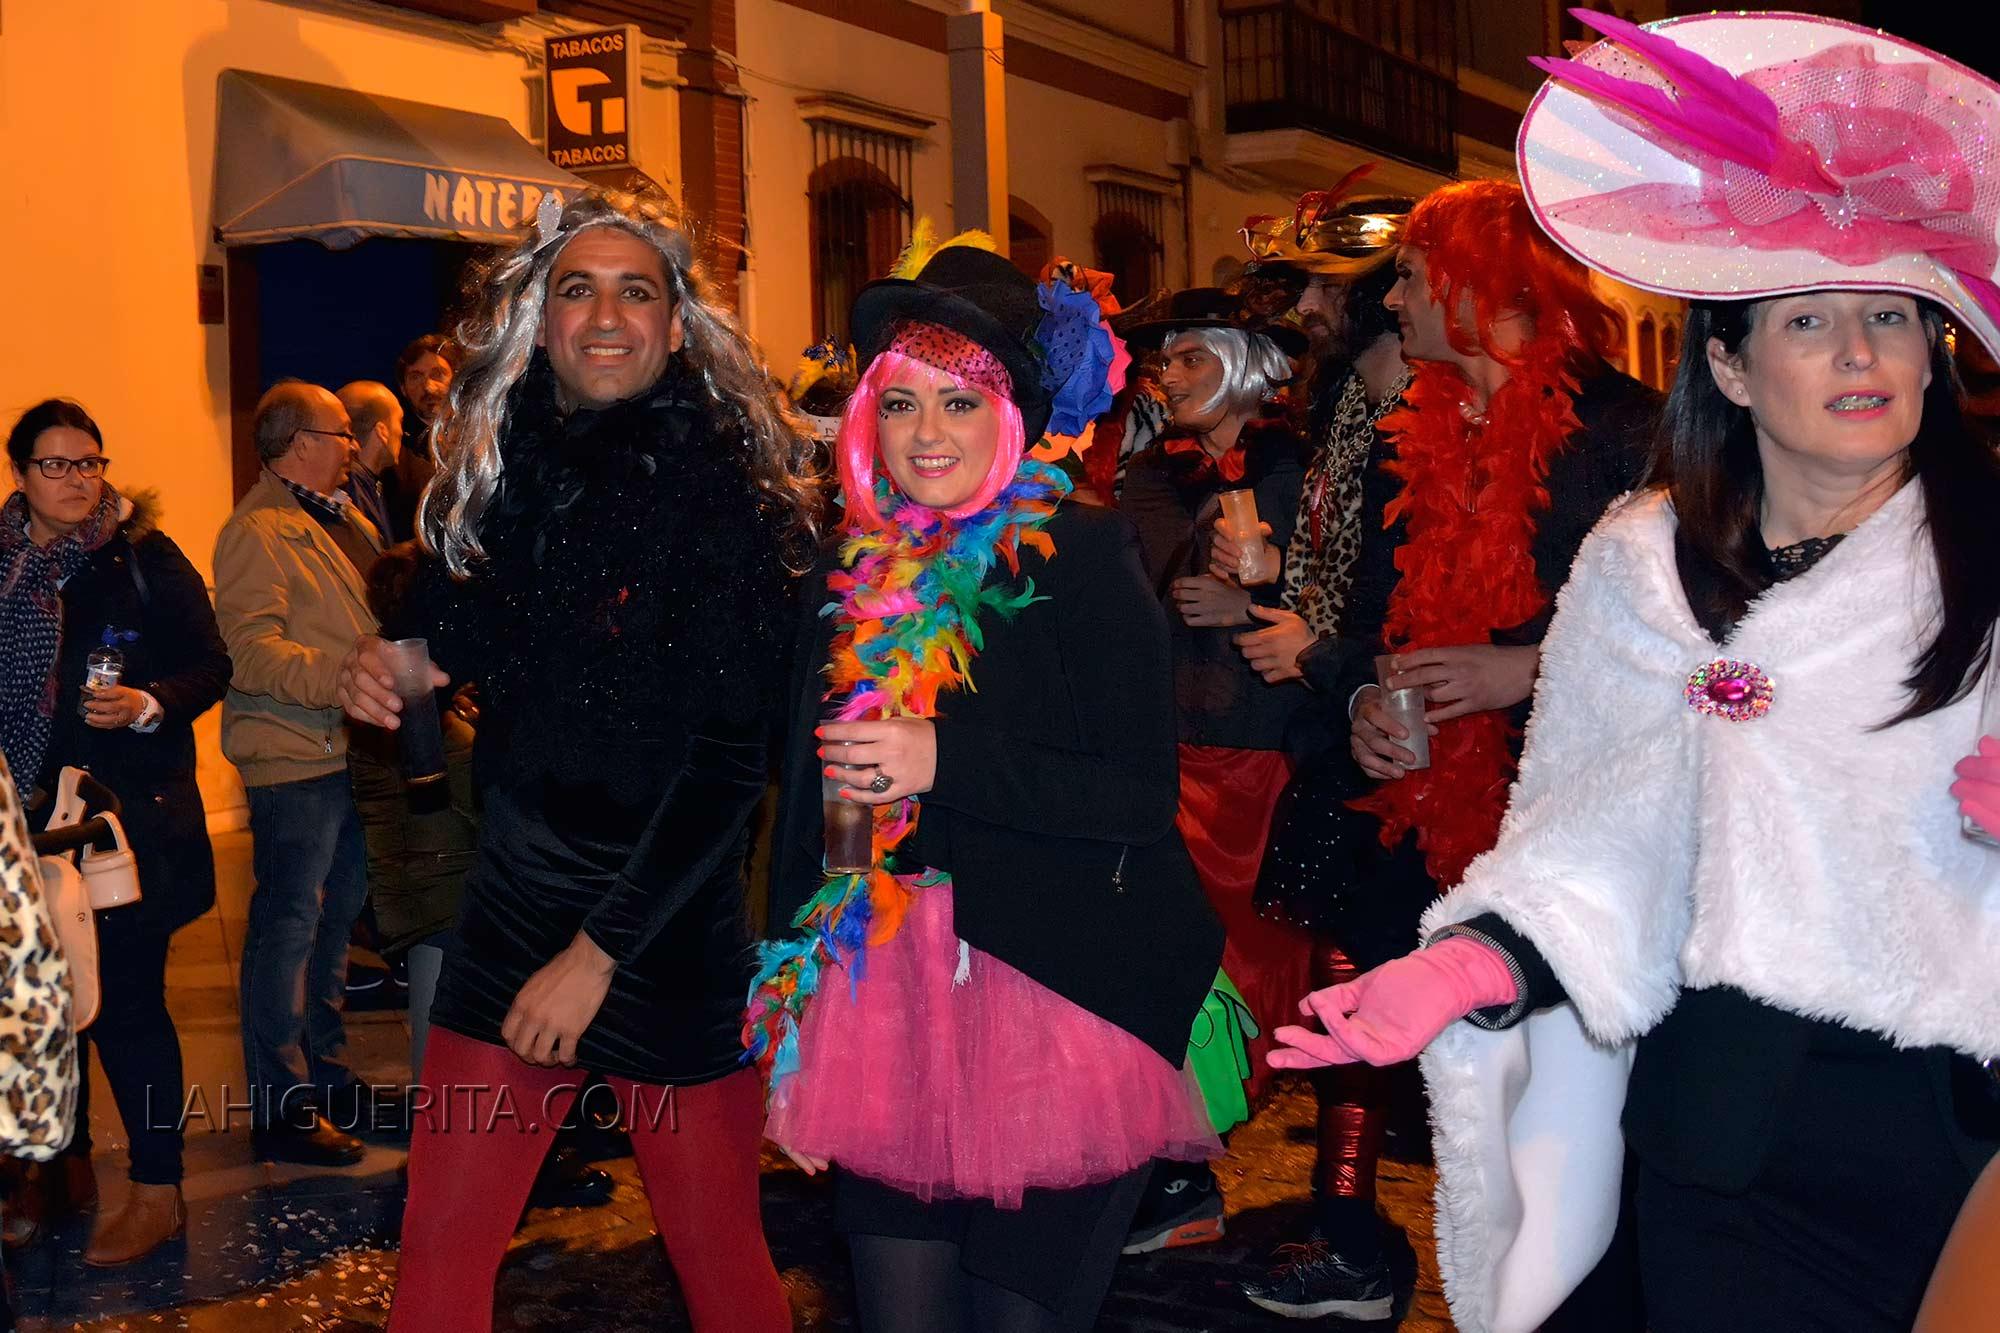 Entierro de la sardina carnaval isla cristina _DSC2097